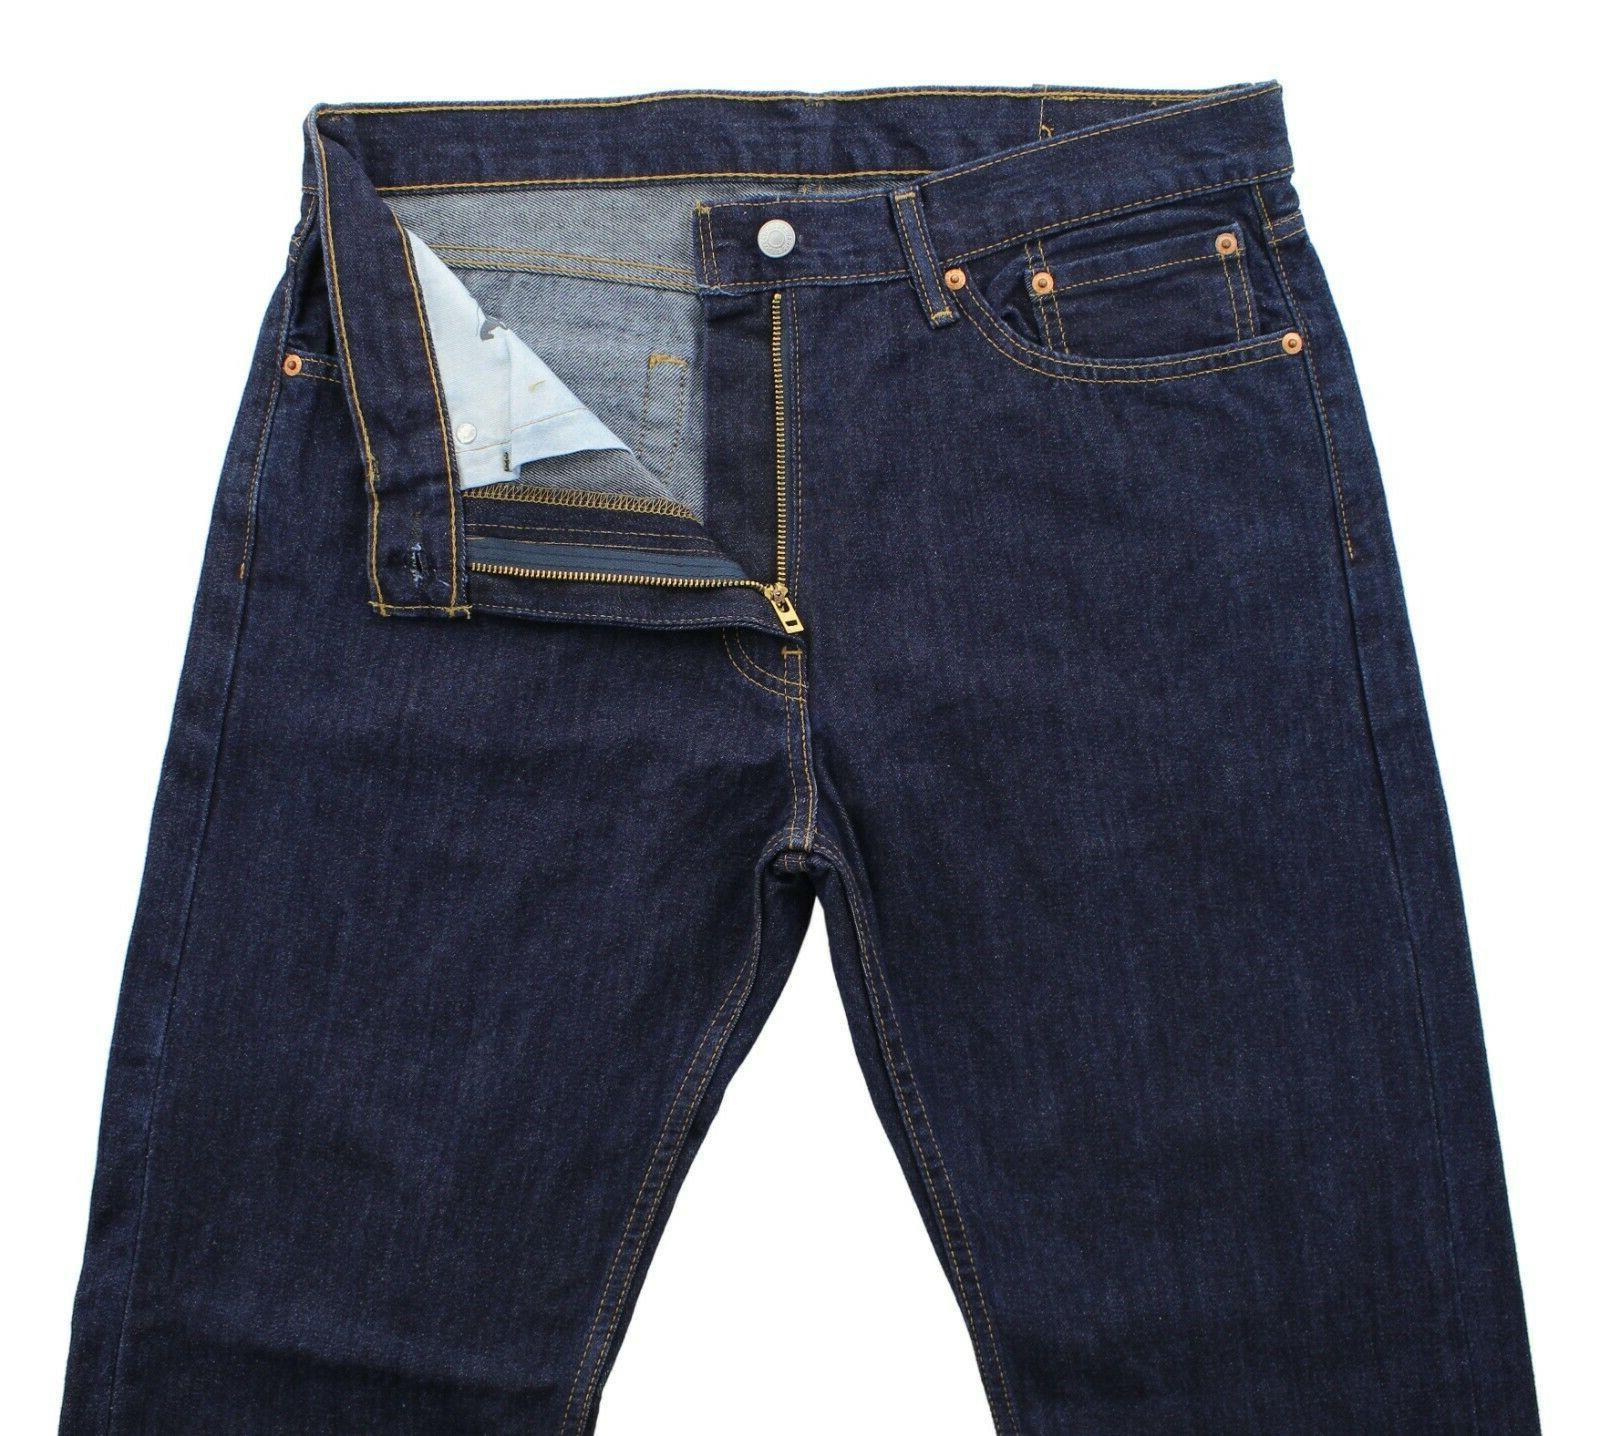 Levi's Jeans Fit Denim Pants